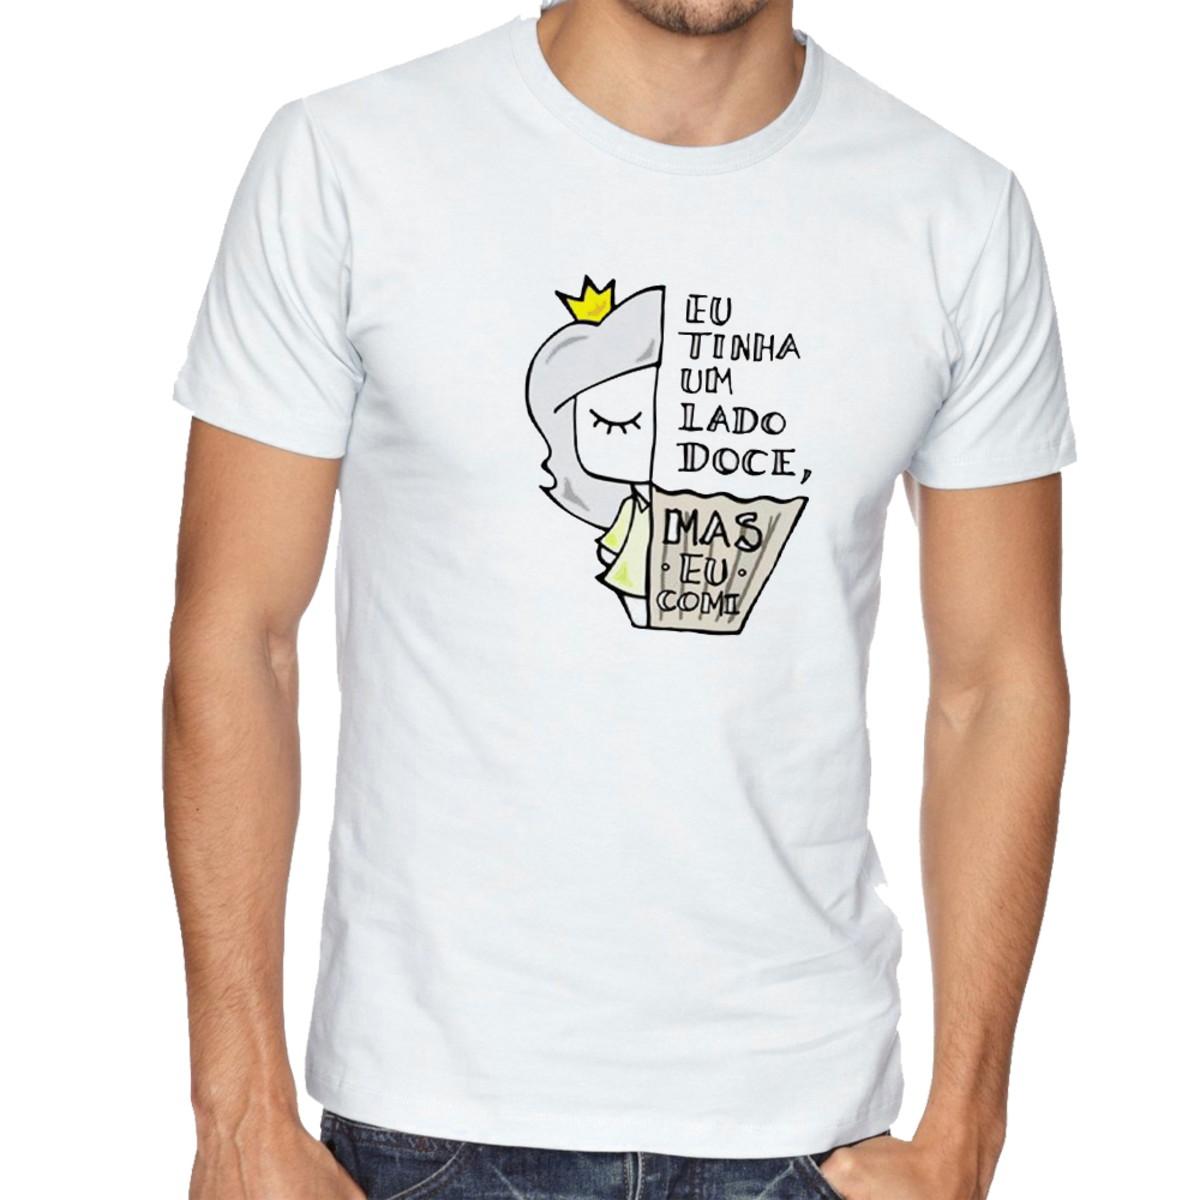 Camiseta Infantil Blusa Criança Lado doce comi Cup Cake no Elo7 ... e95118635b4